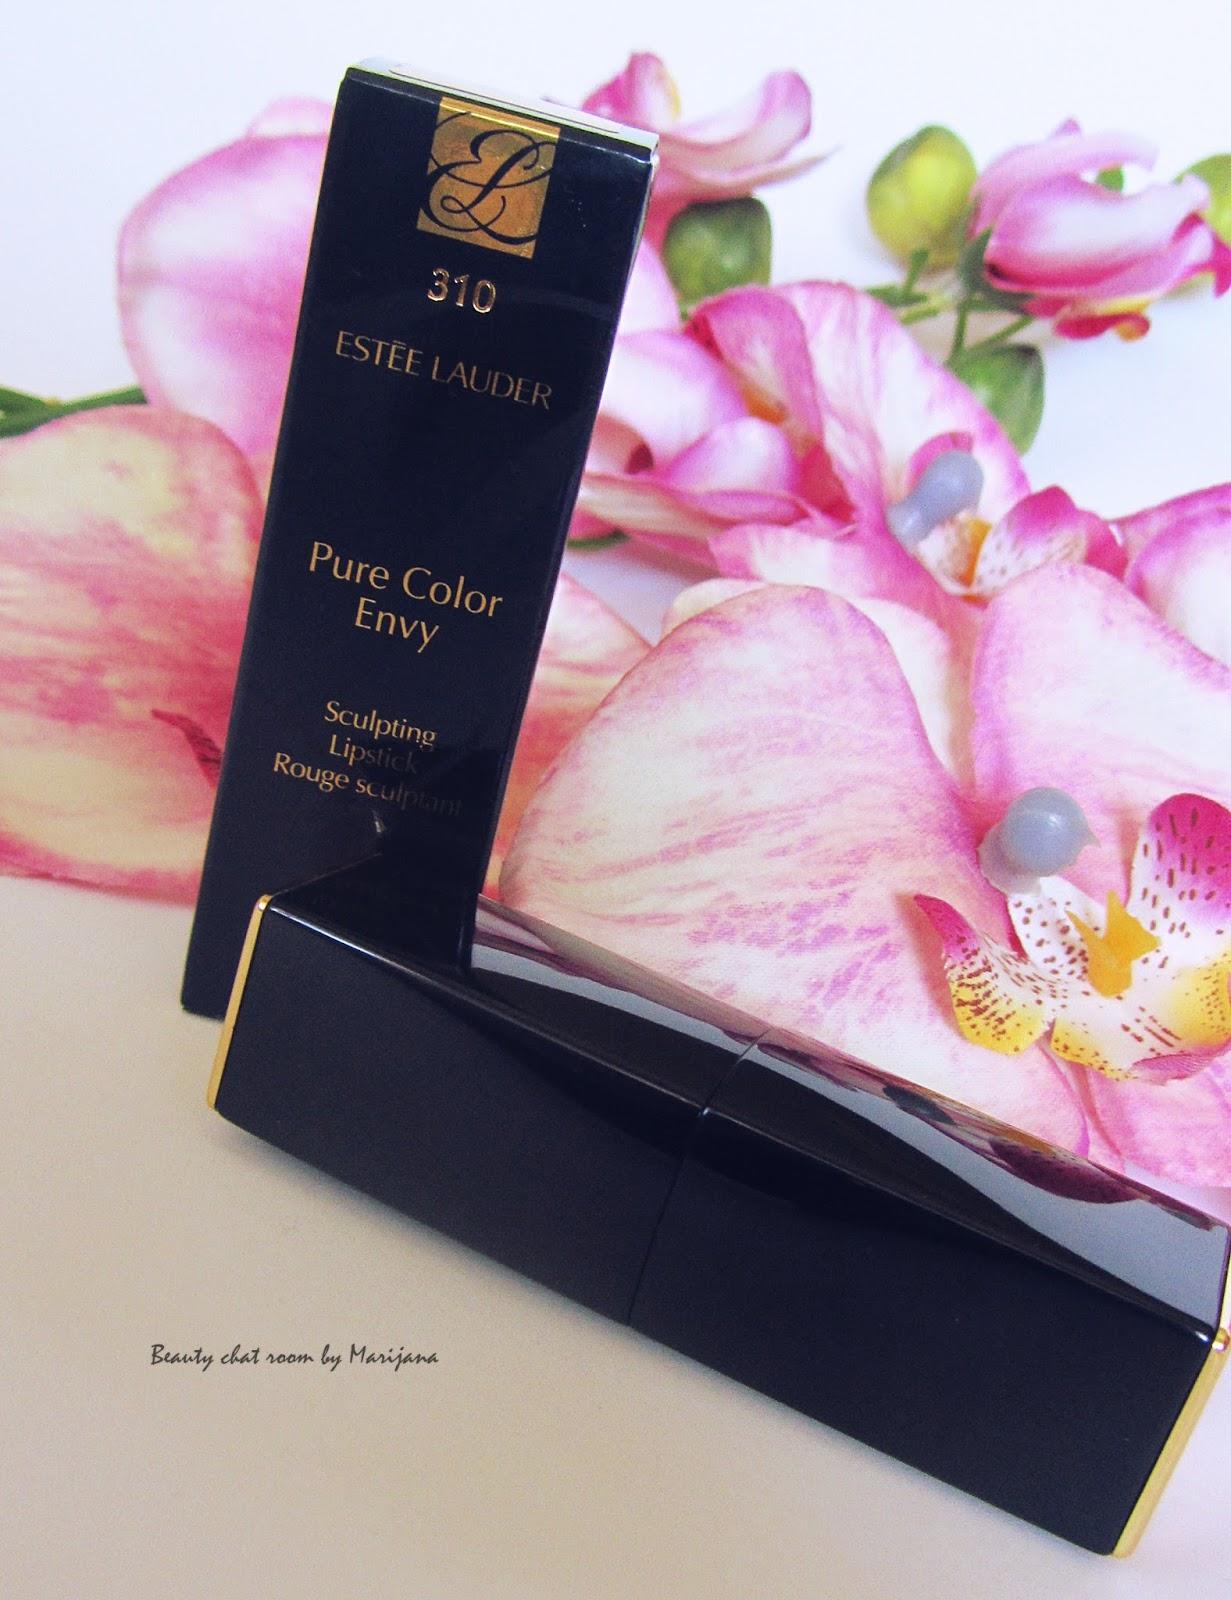 Estee Lauder Pure Color Envy Lipstick 130